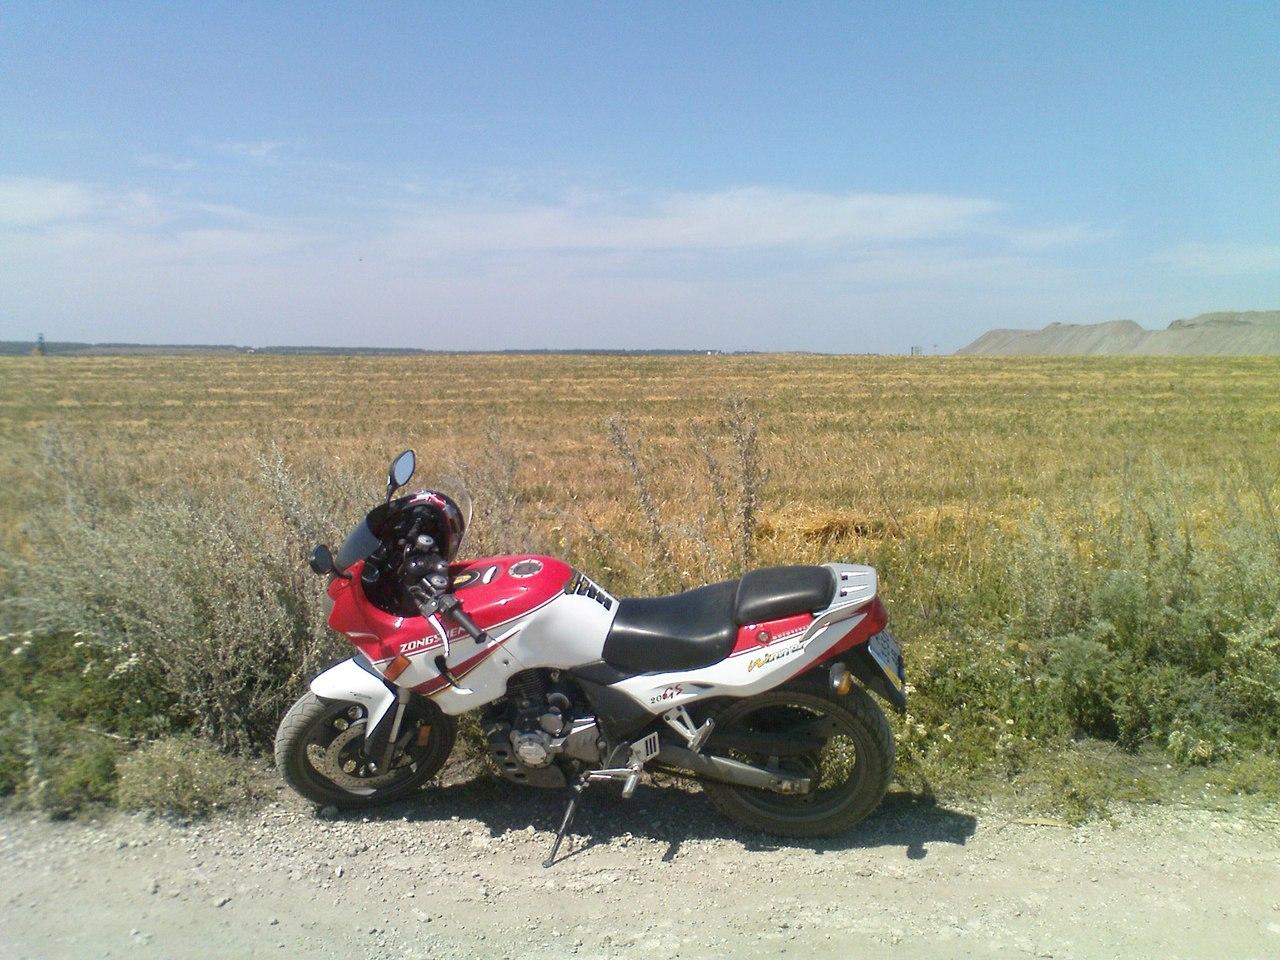 первое знакомство с мотоциклом